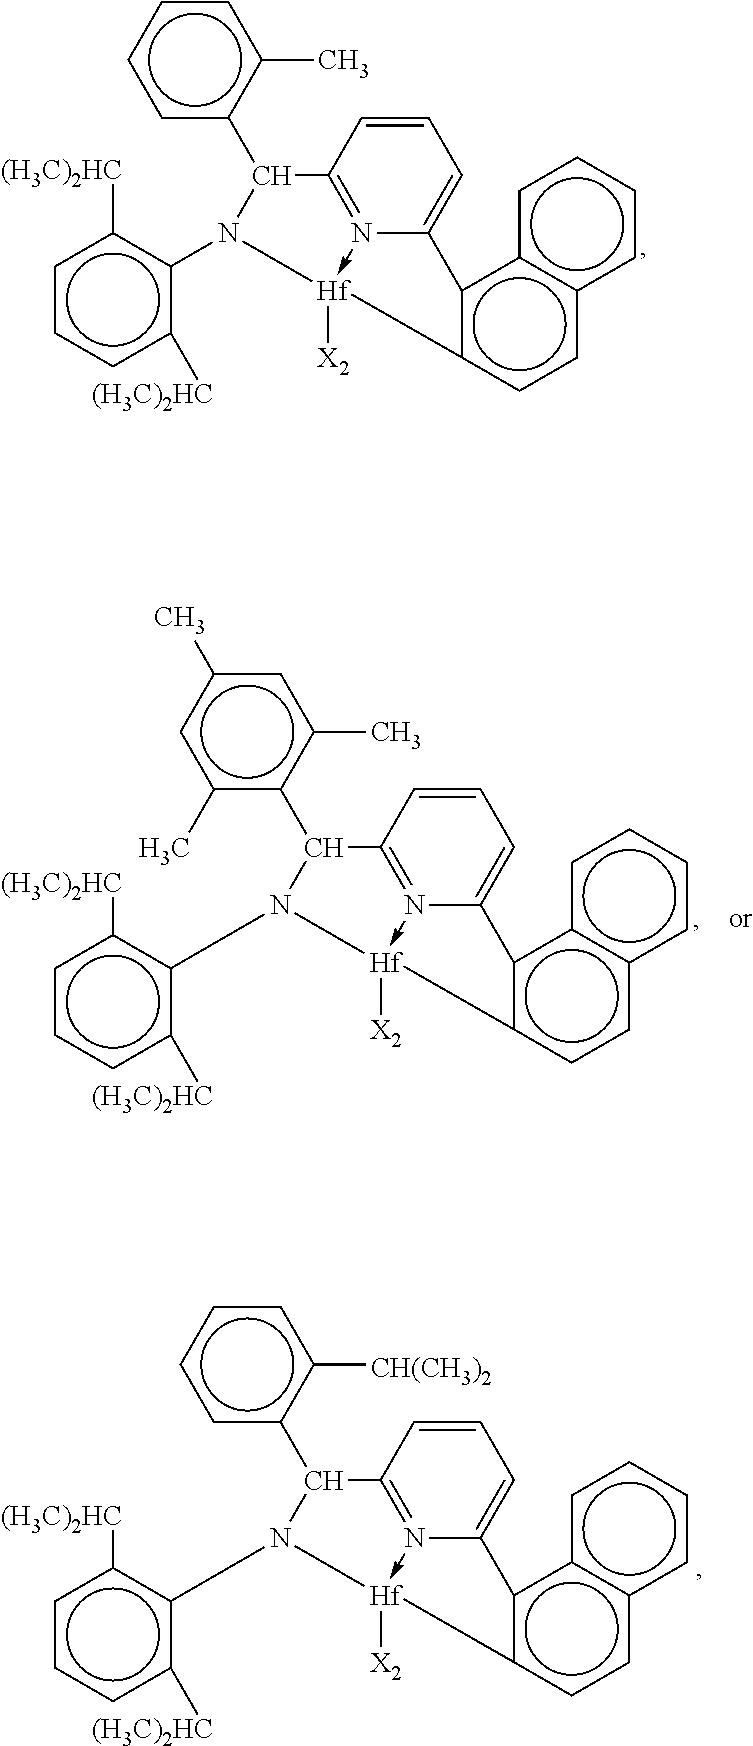 Figure US07645893-20100112-C00010